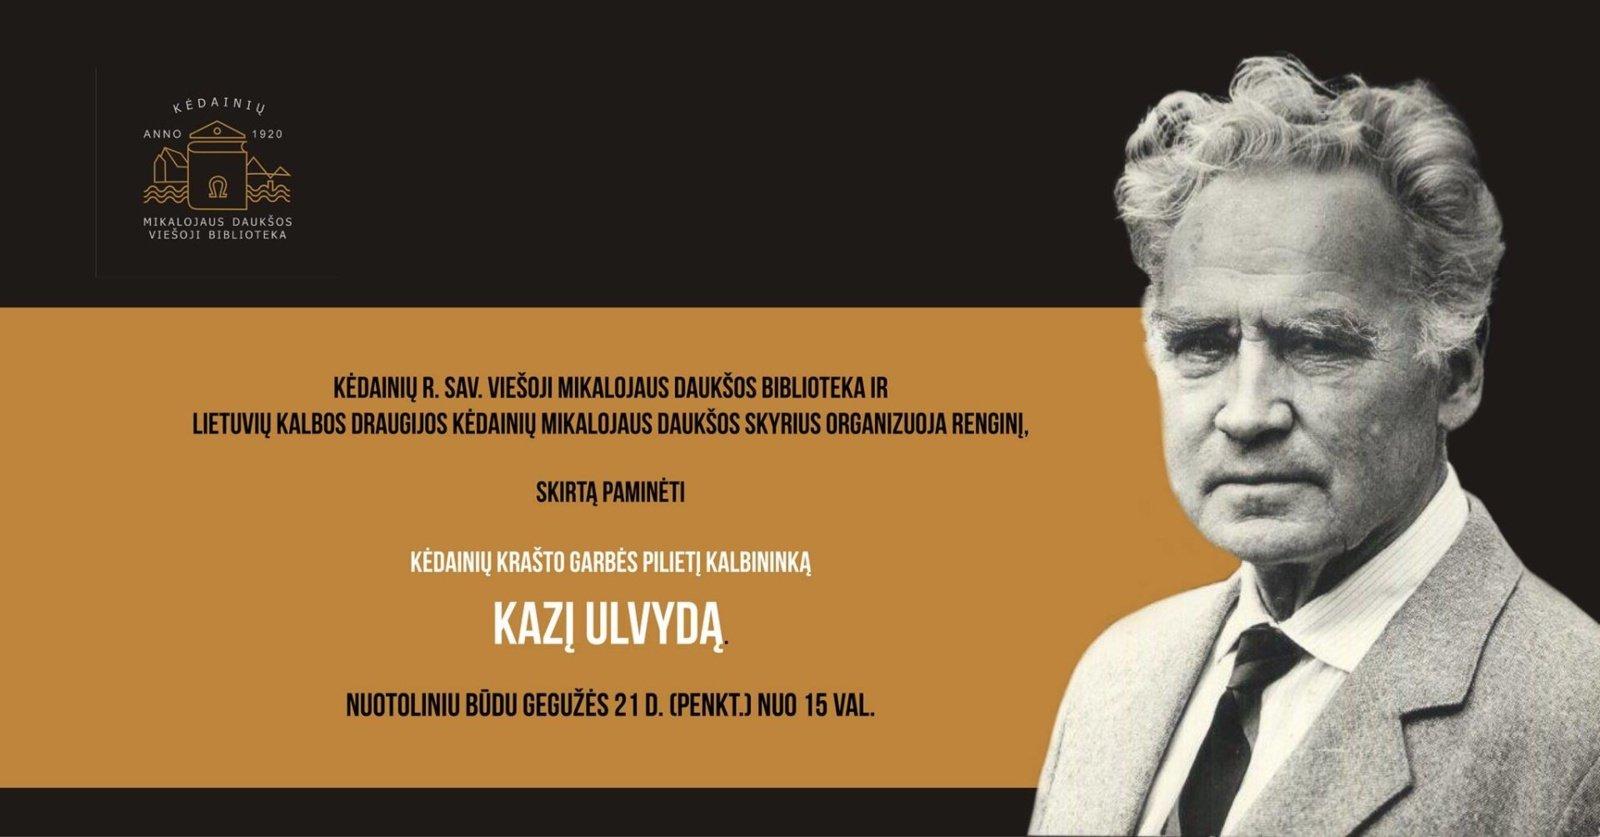 Šį penktadienį – renginys, skirtas Kėdainių krašto garbės piliečiui kalbininkui Kaziui Ulvydui paminėti